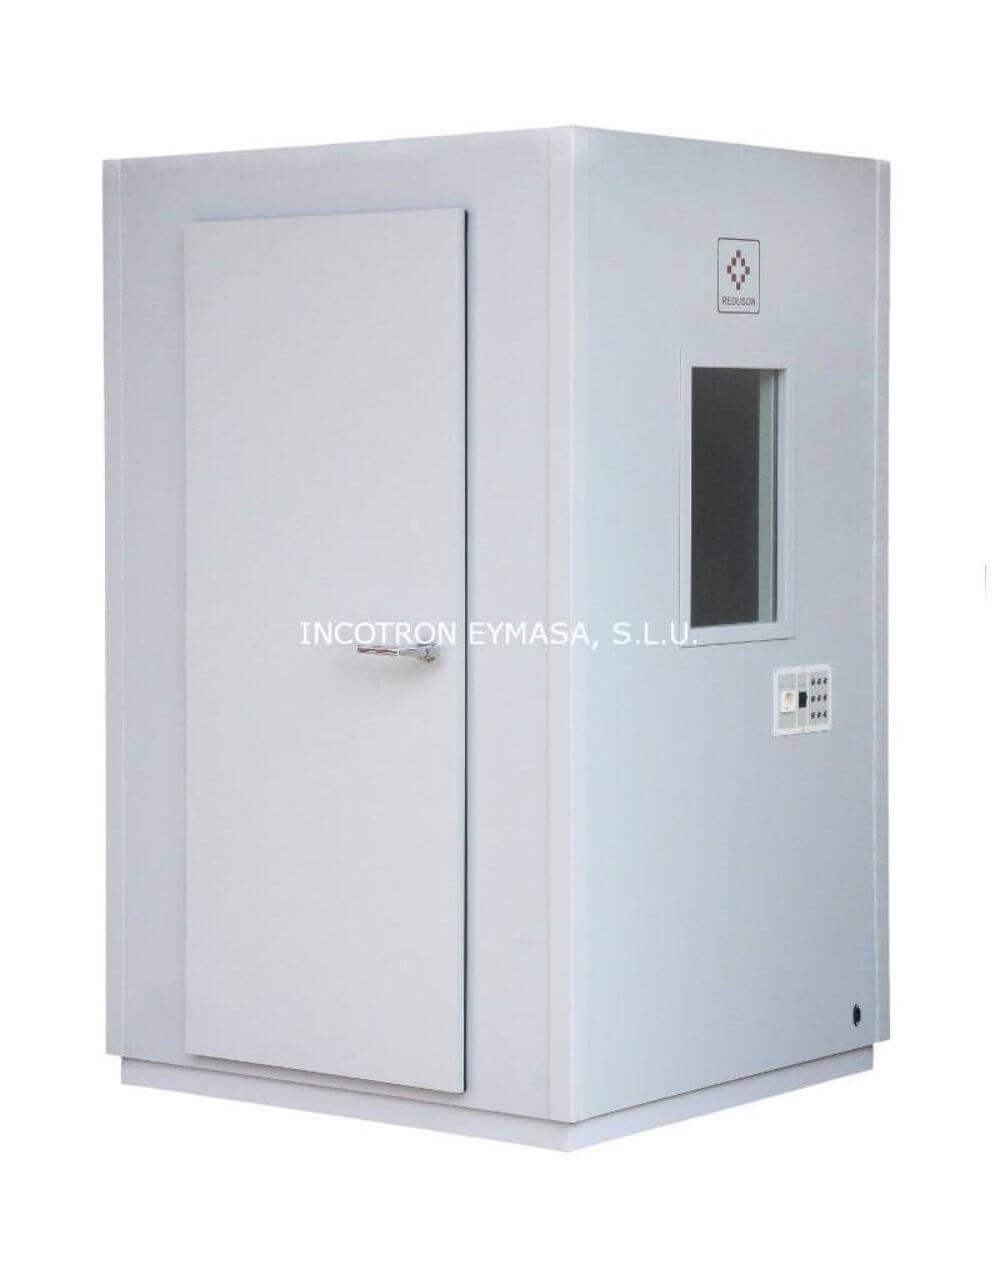 cabina audiometrica pequena 1